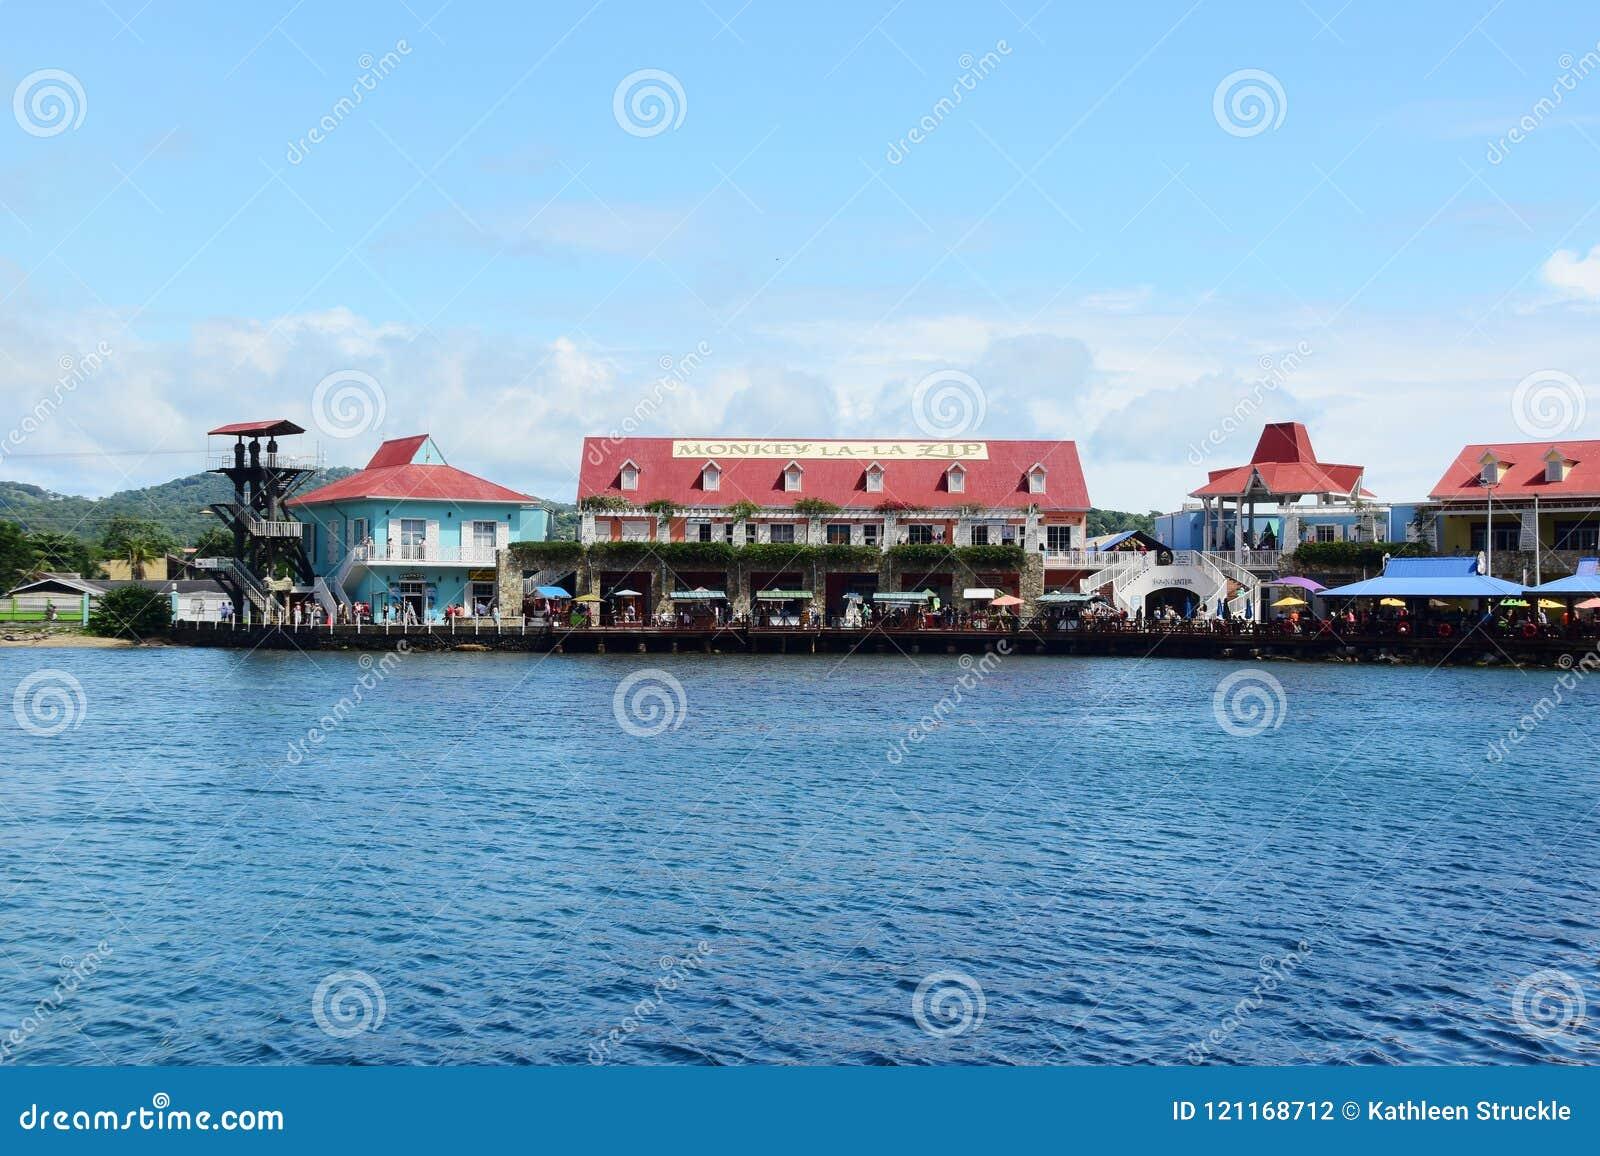 Singe LaLa Zip Hotel In Honduras